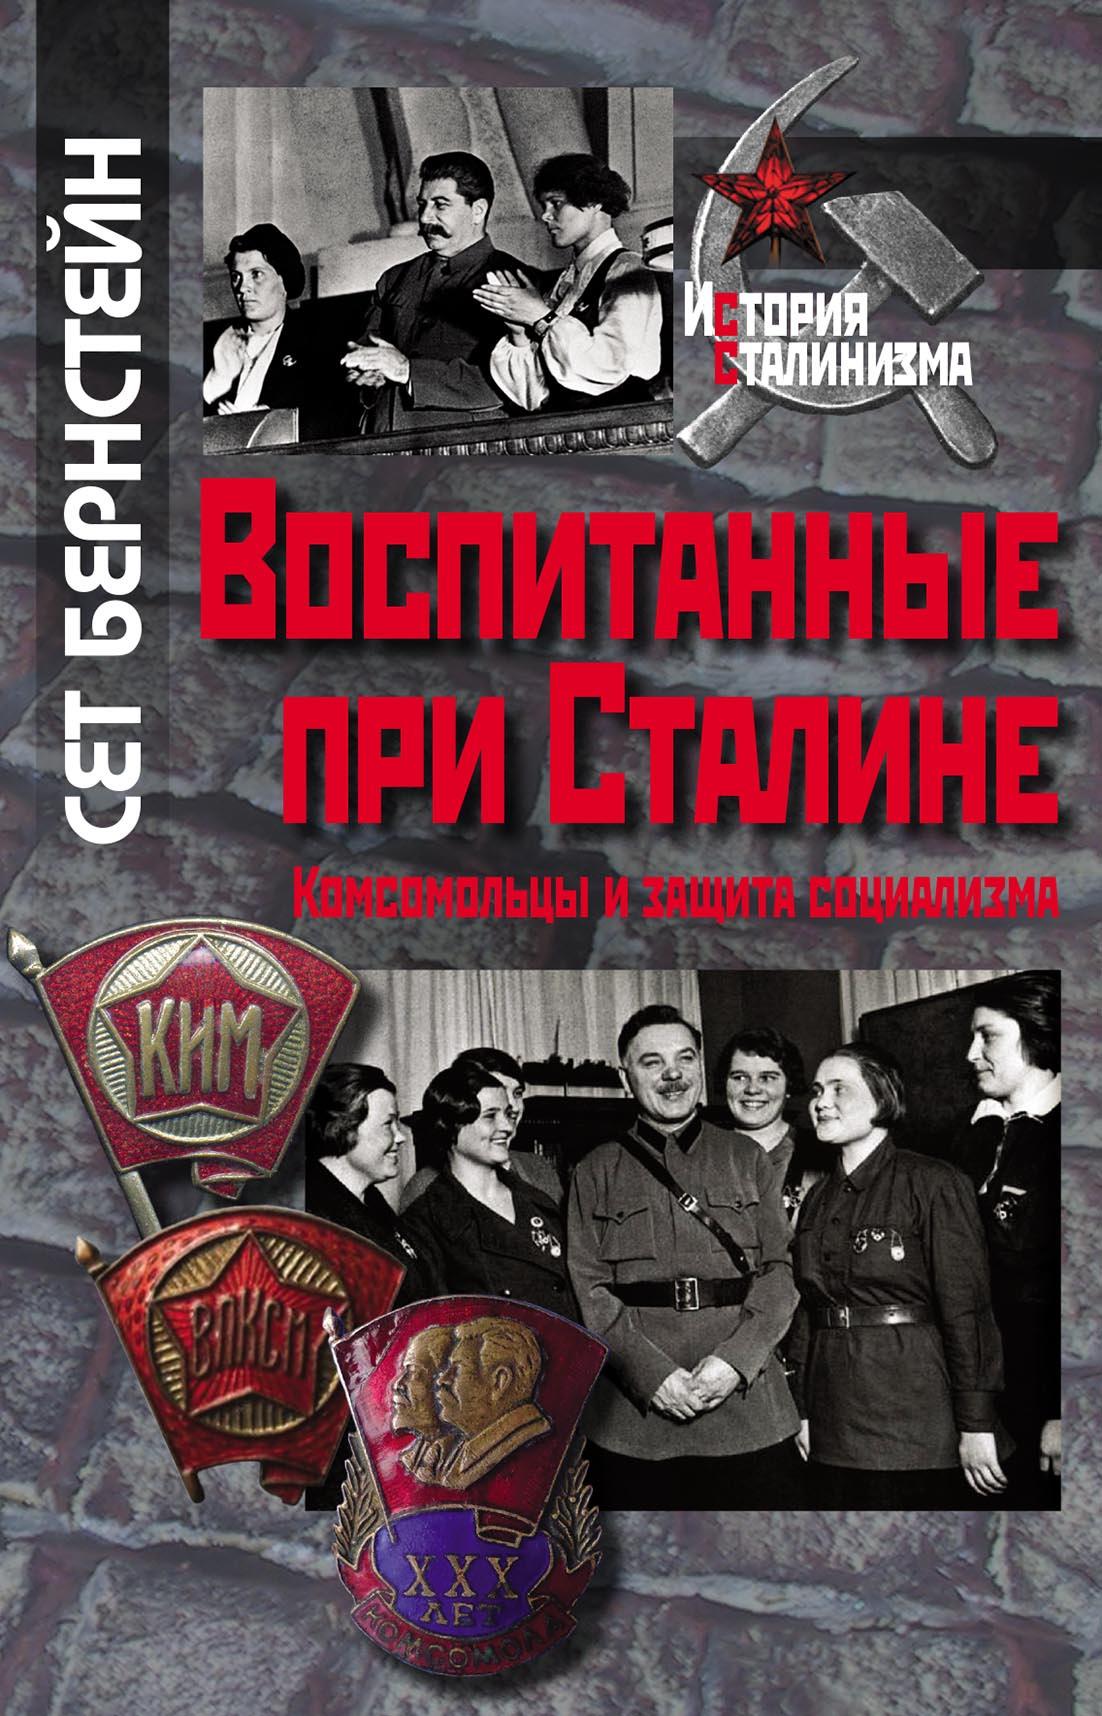 Бернстейн С. Воспитанные при Сталине.